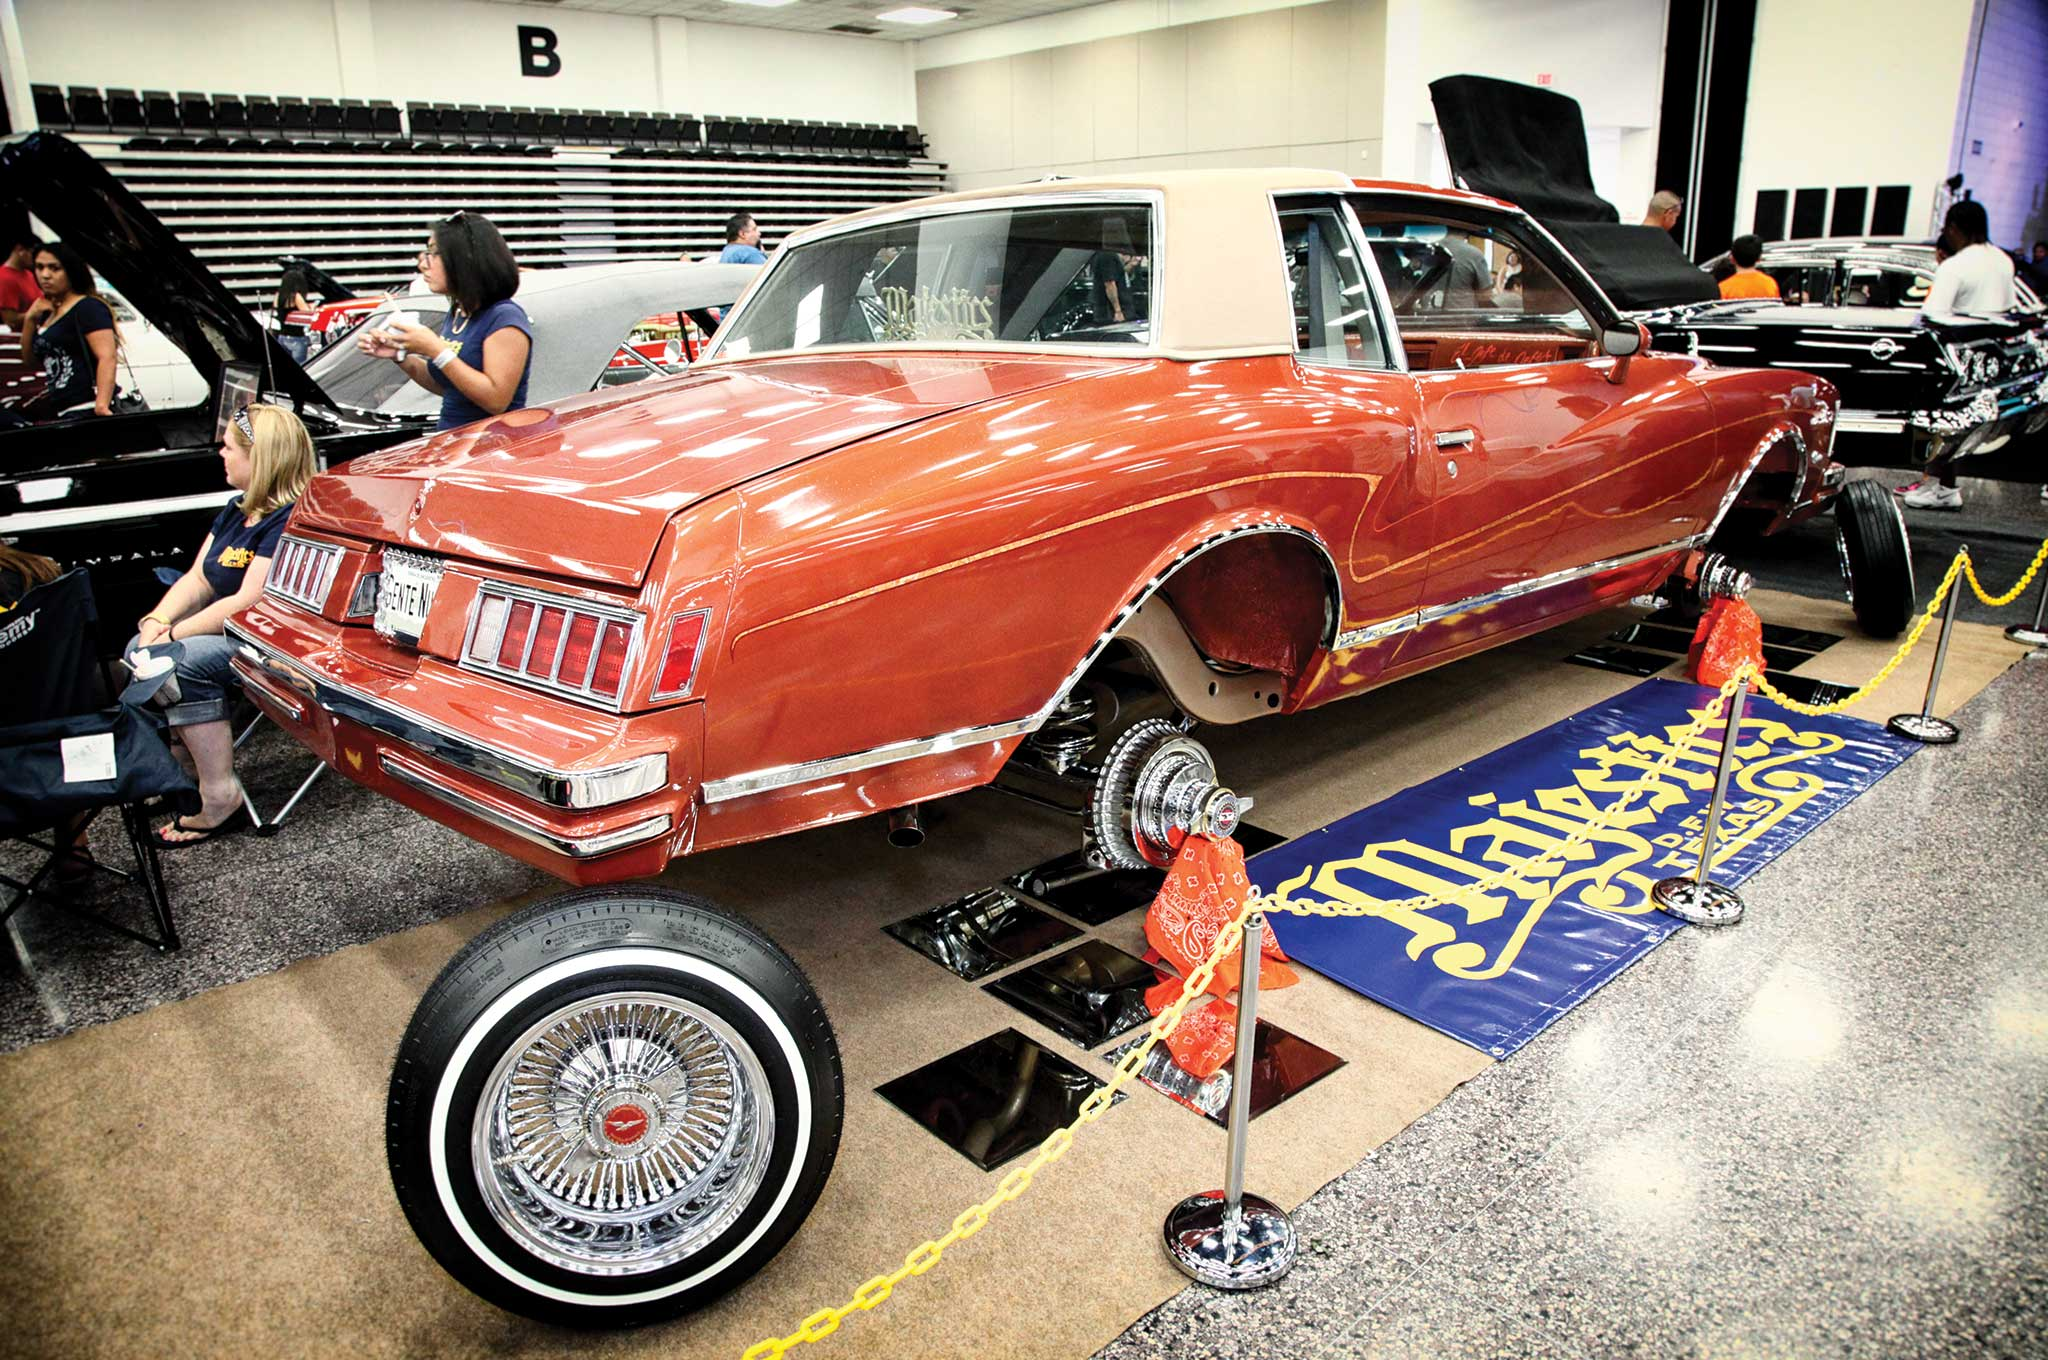 Pasadena Tejas Super Custom Car Show And Concert G Body - Pasadena car show